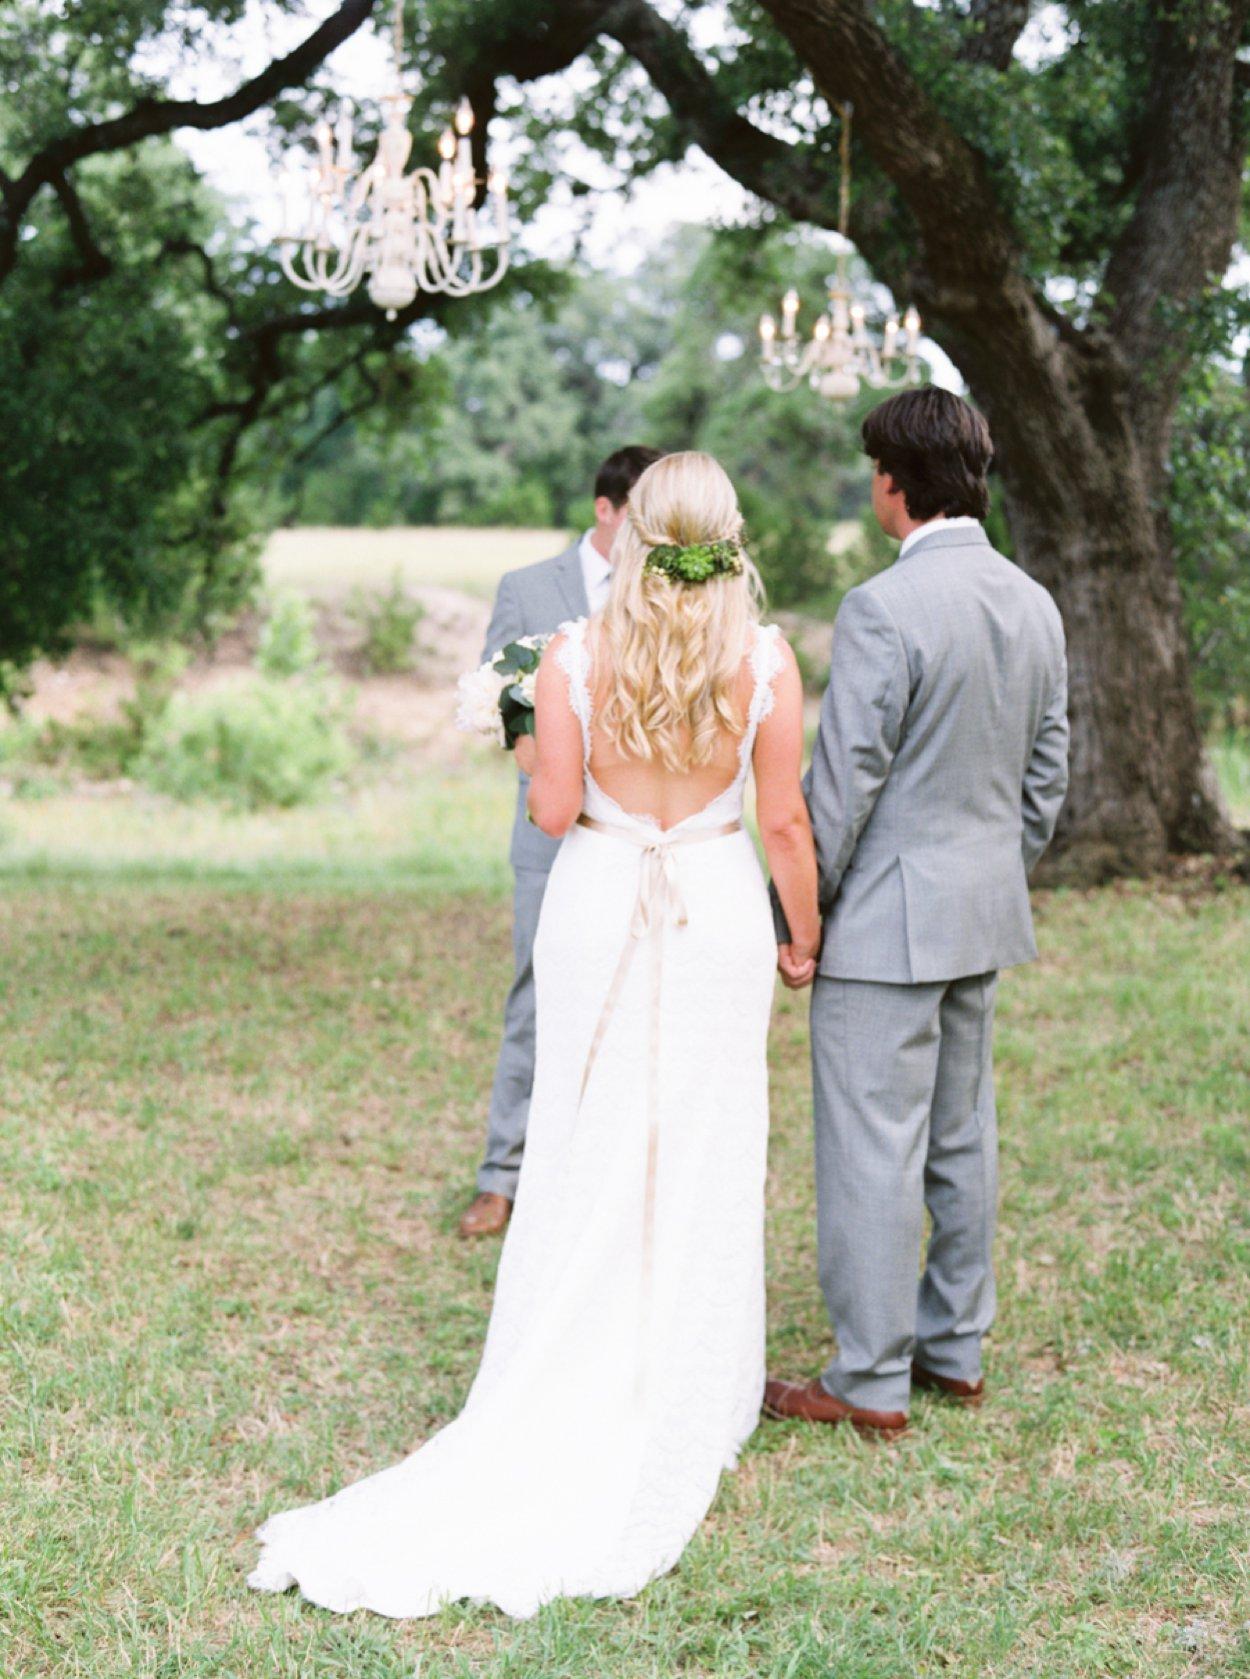 dd149-http3a2f2fjennamcelroy-com2fblog2f20152f102f52fjennas-bridals-austin-wedding-photographer2fblog2f20152f102f52fjennas-bridals-austin-wedding-photographer.jpg